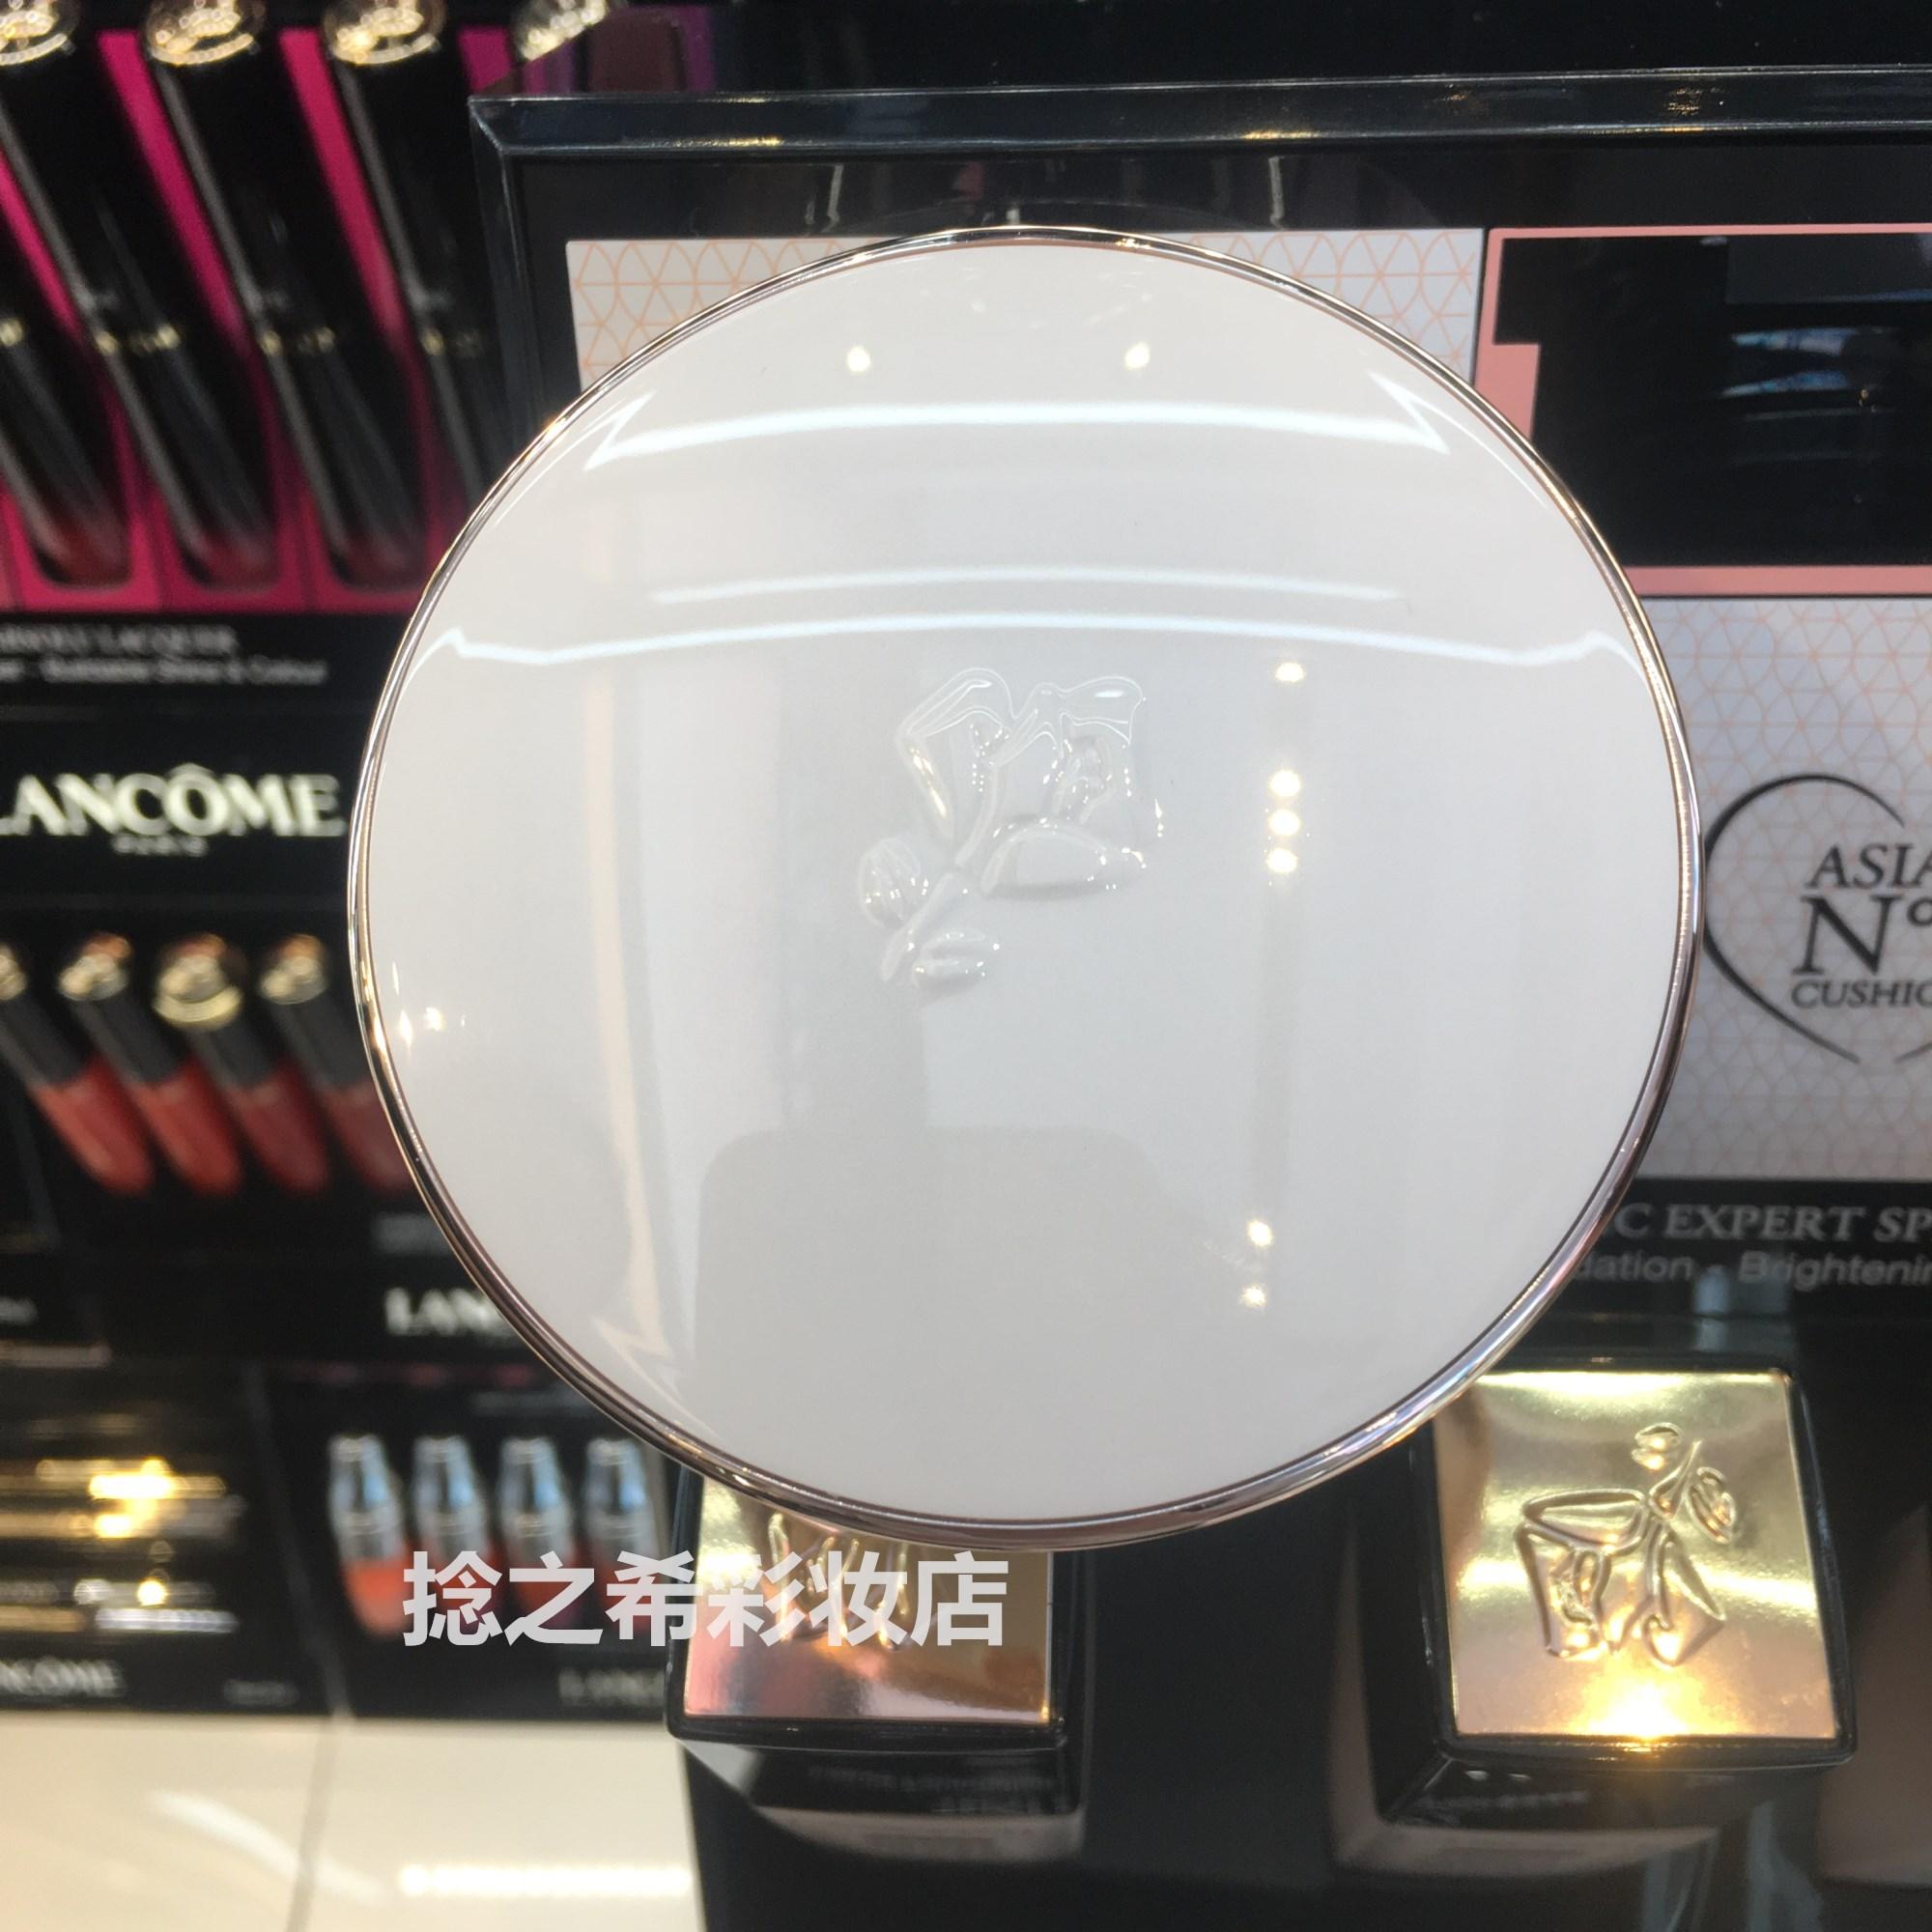 兰蔻气垫CC霜修颜隔离乳bo01一芯一盒套装有粉扑图片